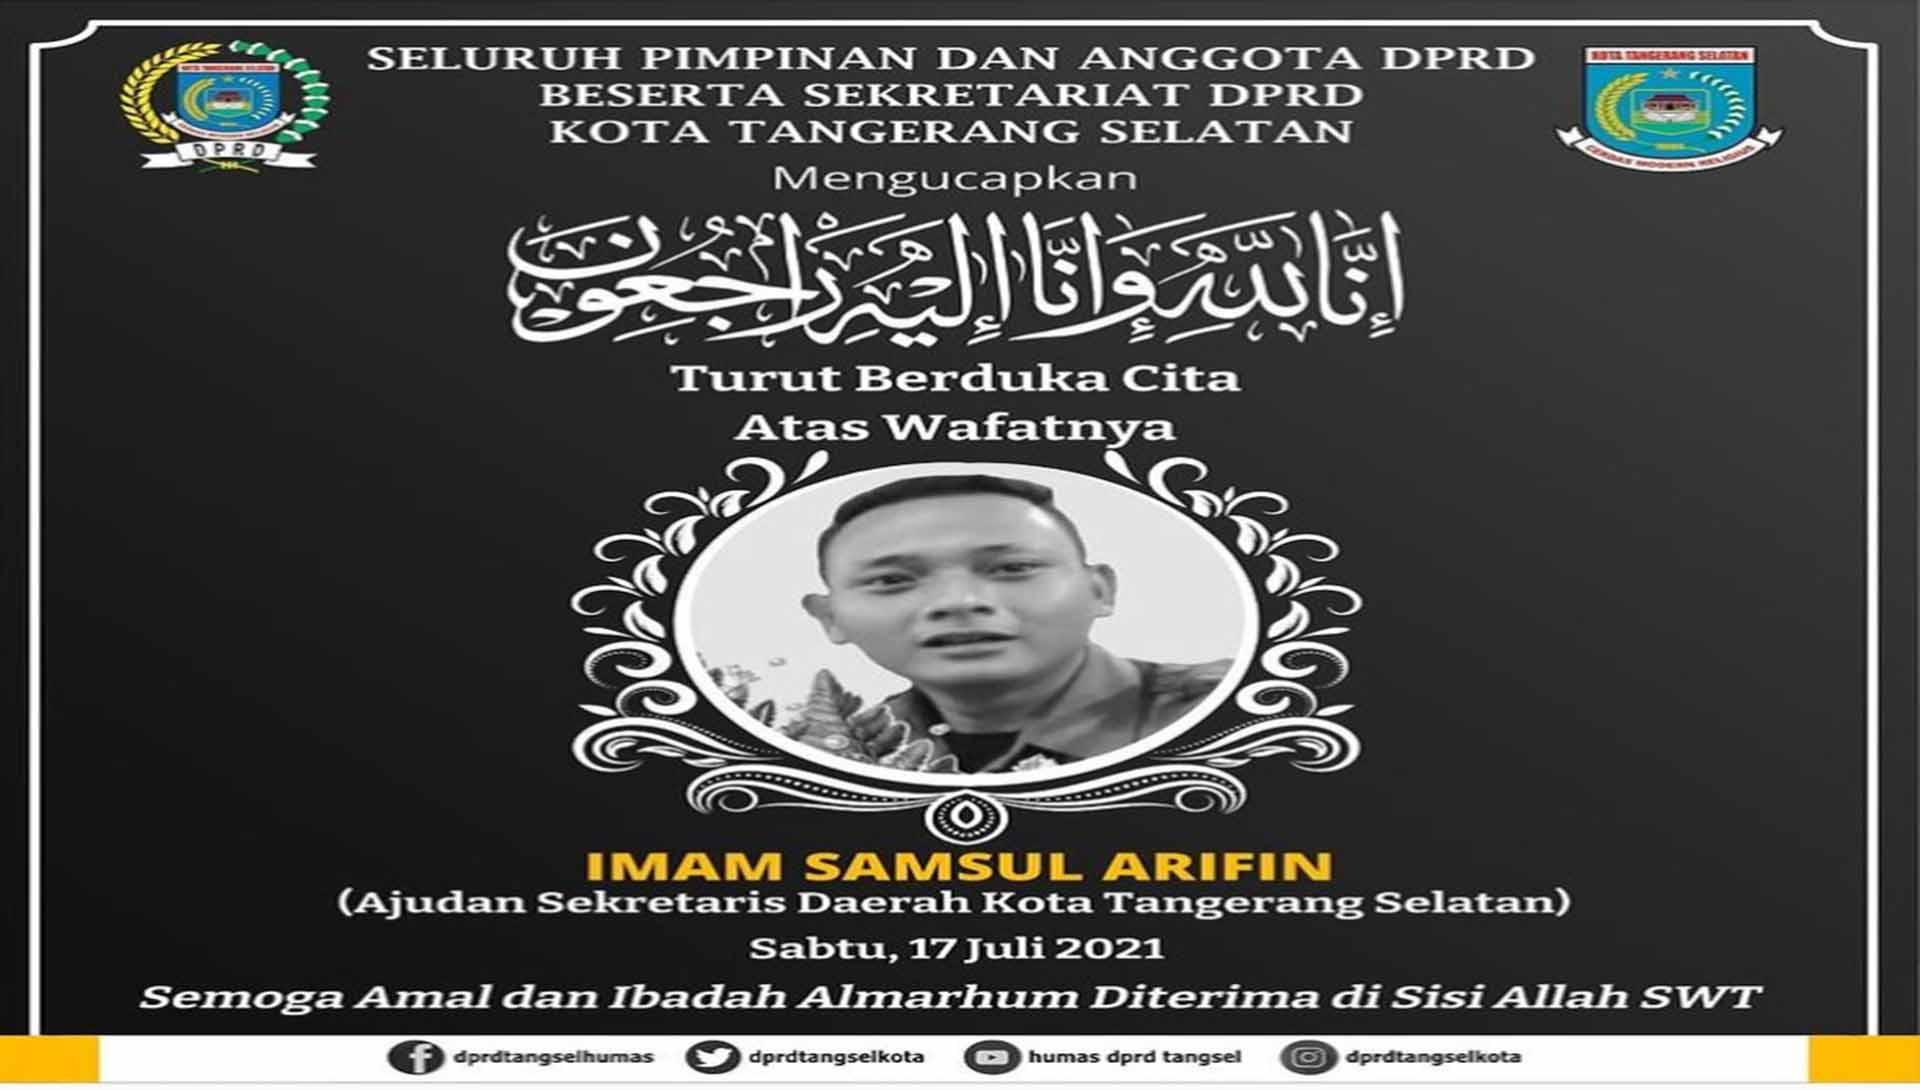 Turut Berduka Cita atas Wafatnya Imam Samsul Arifin